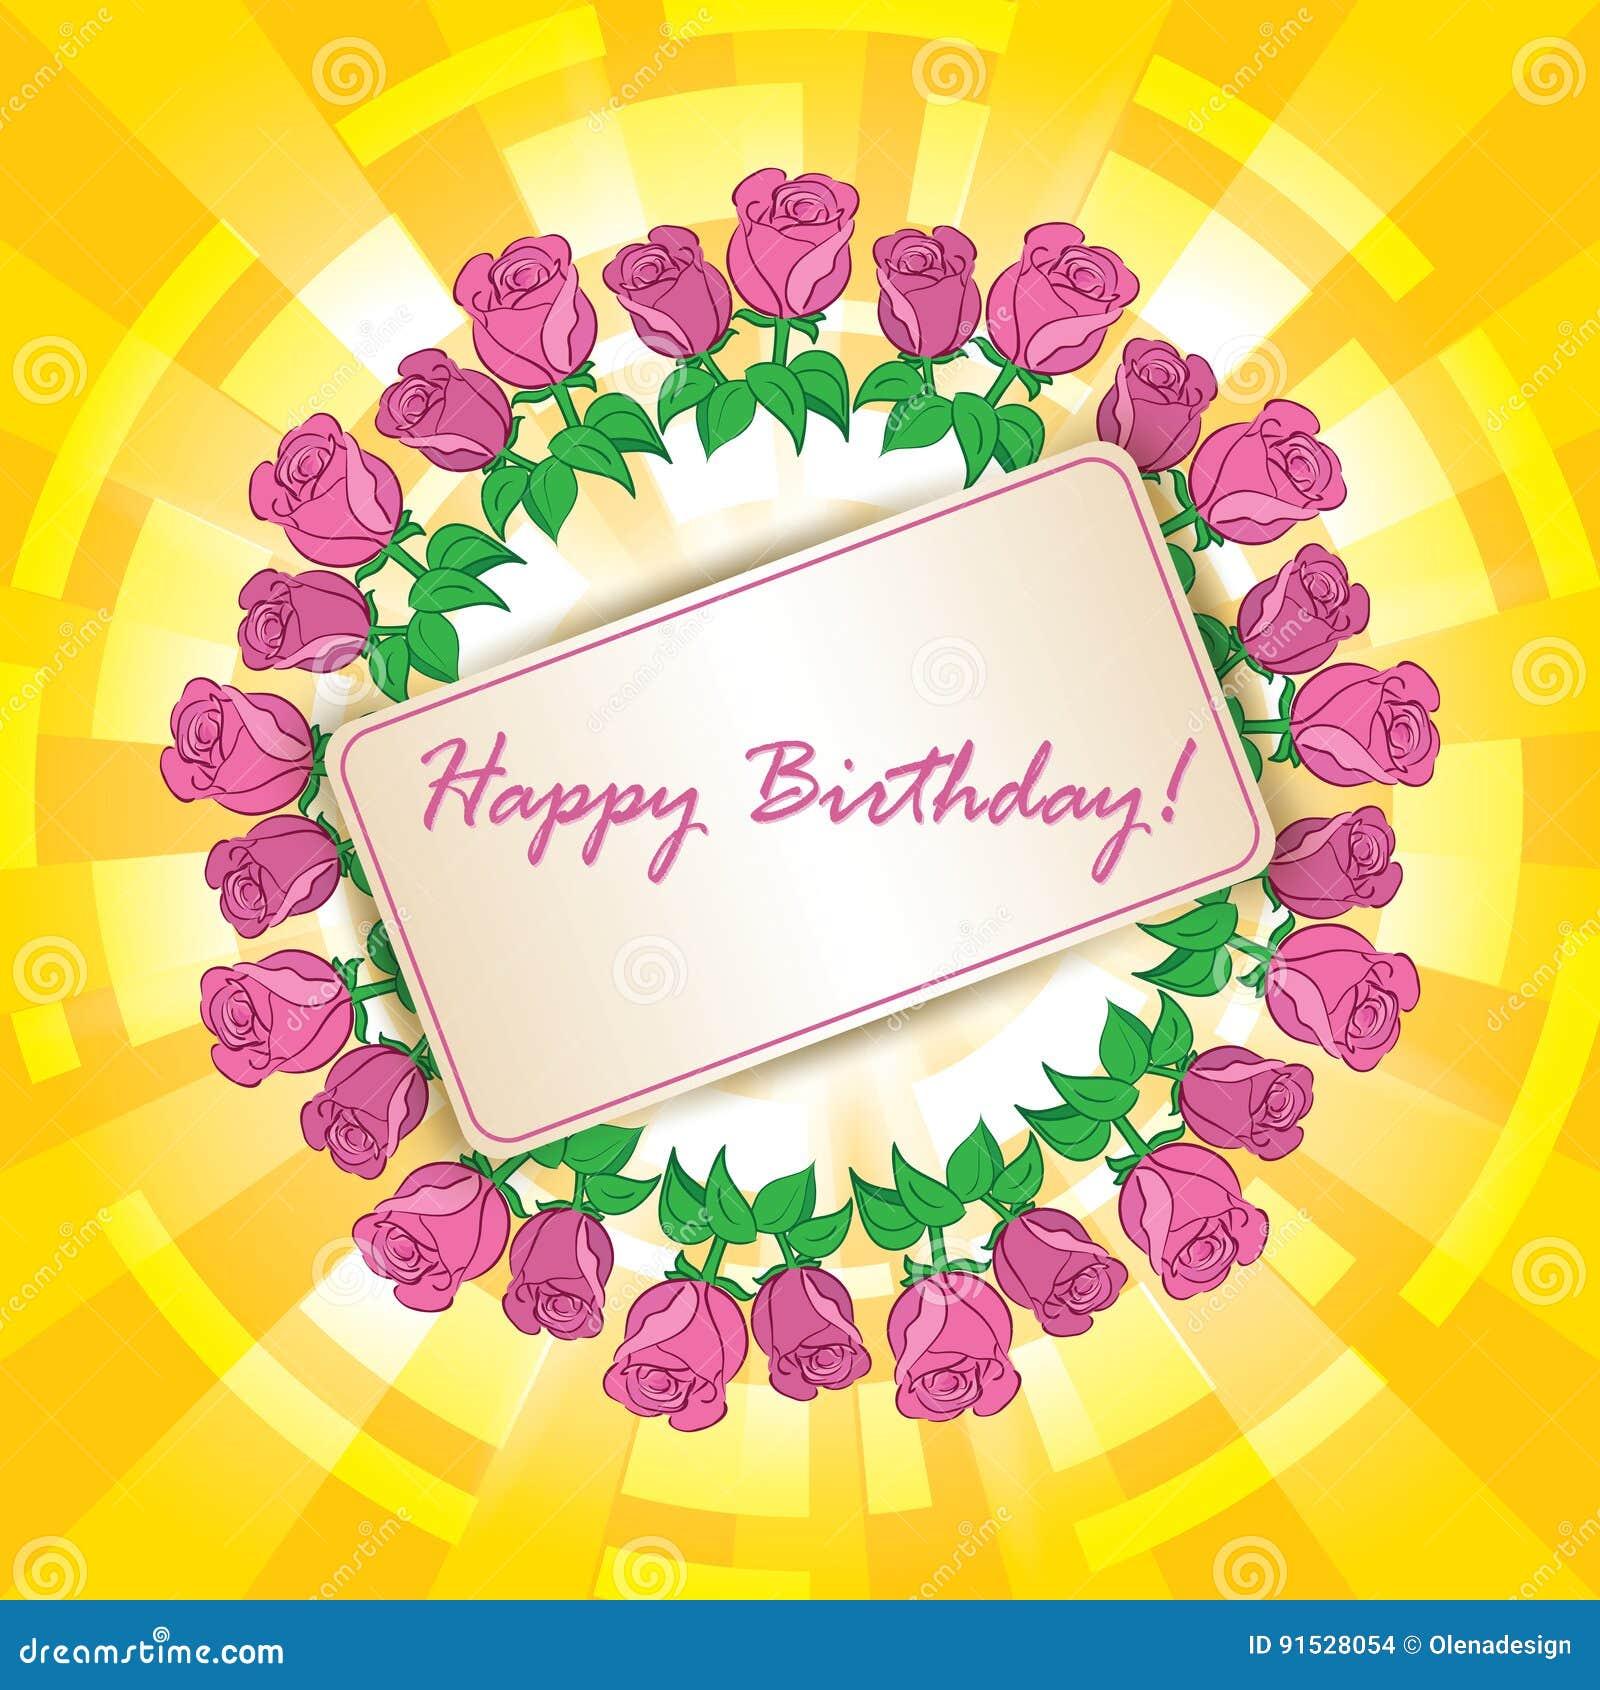 Alles Gute Zum Geburtstag Vector Grusskarte Mit Rahmen Von Rosen